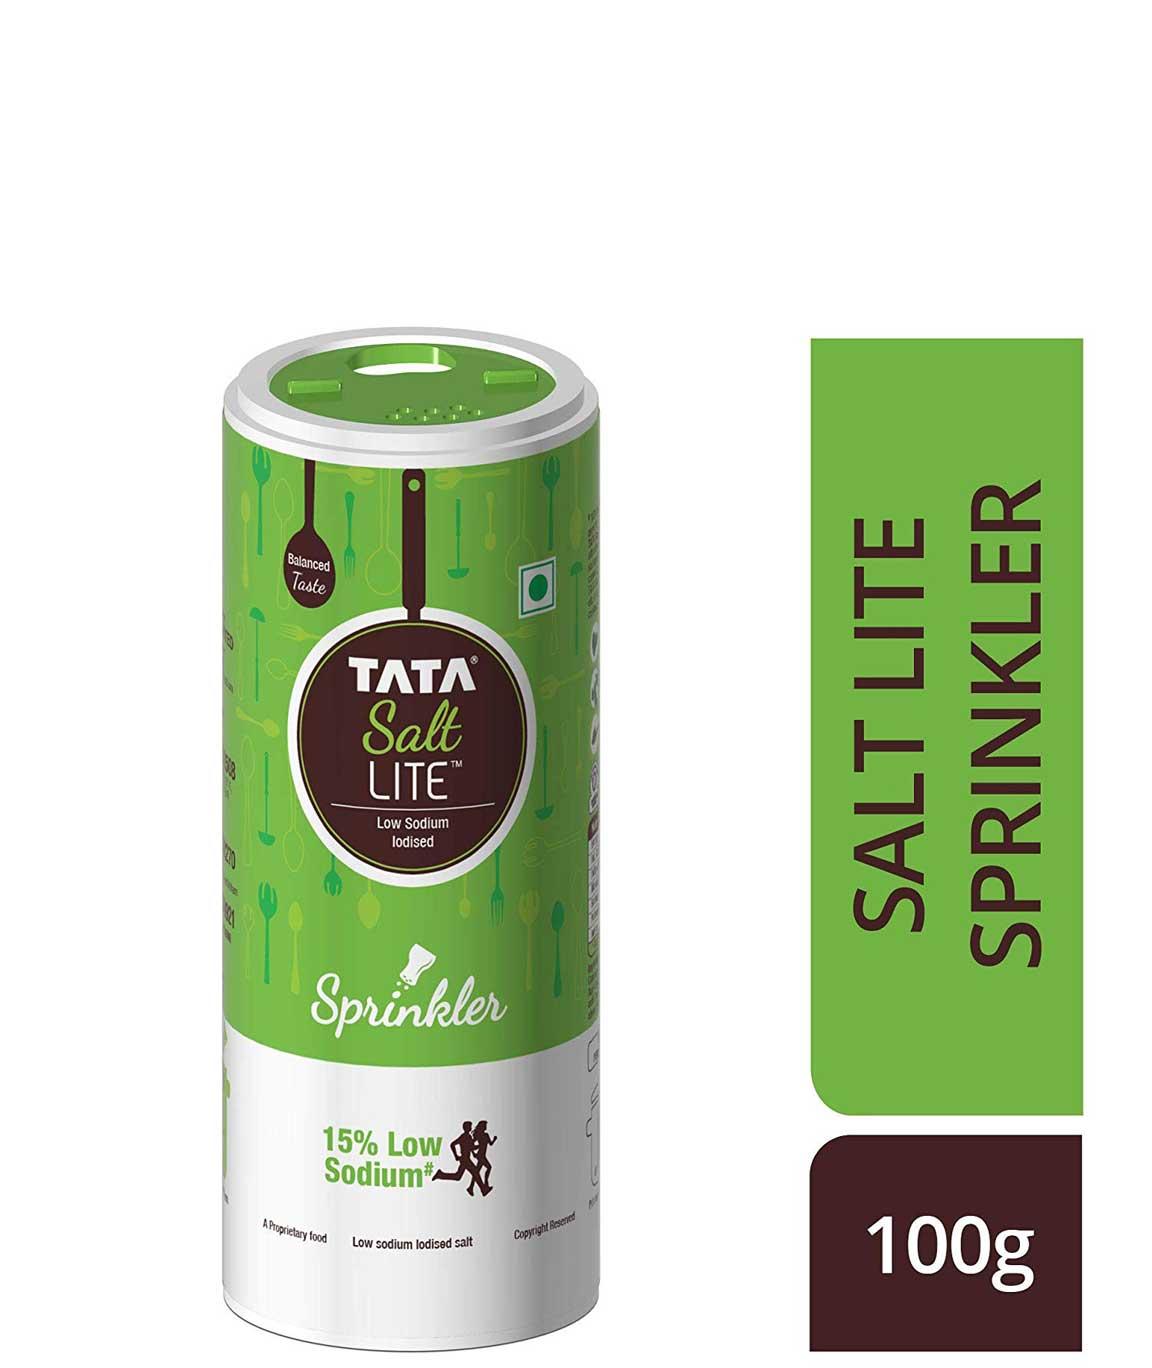 Tata Salt Lite Sprinkler 100g